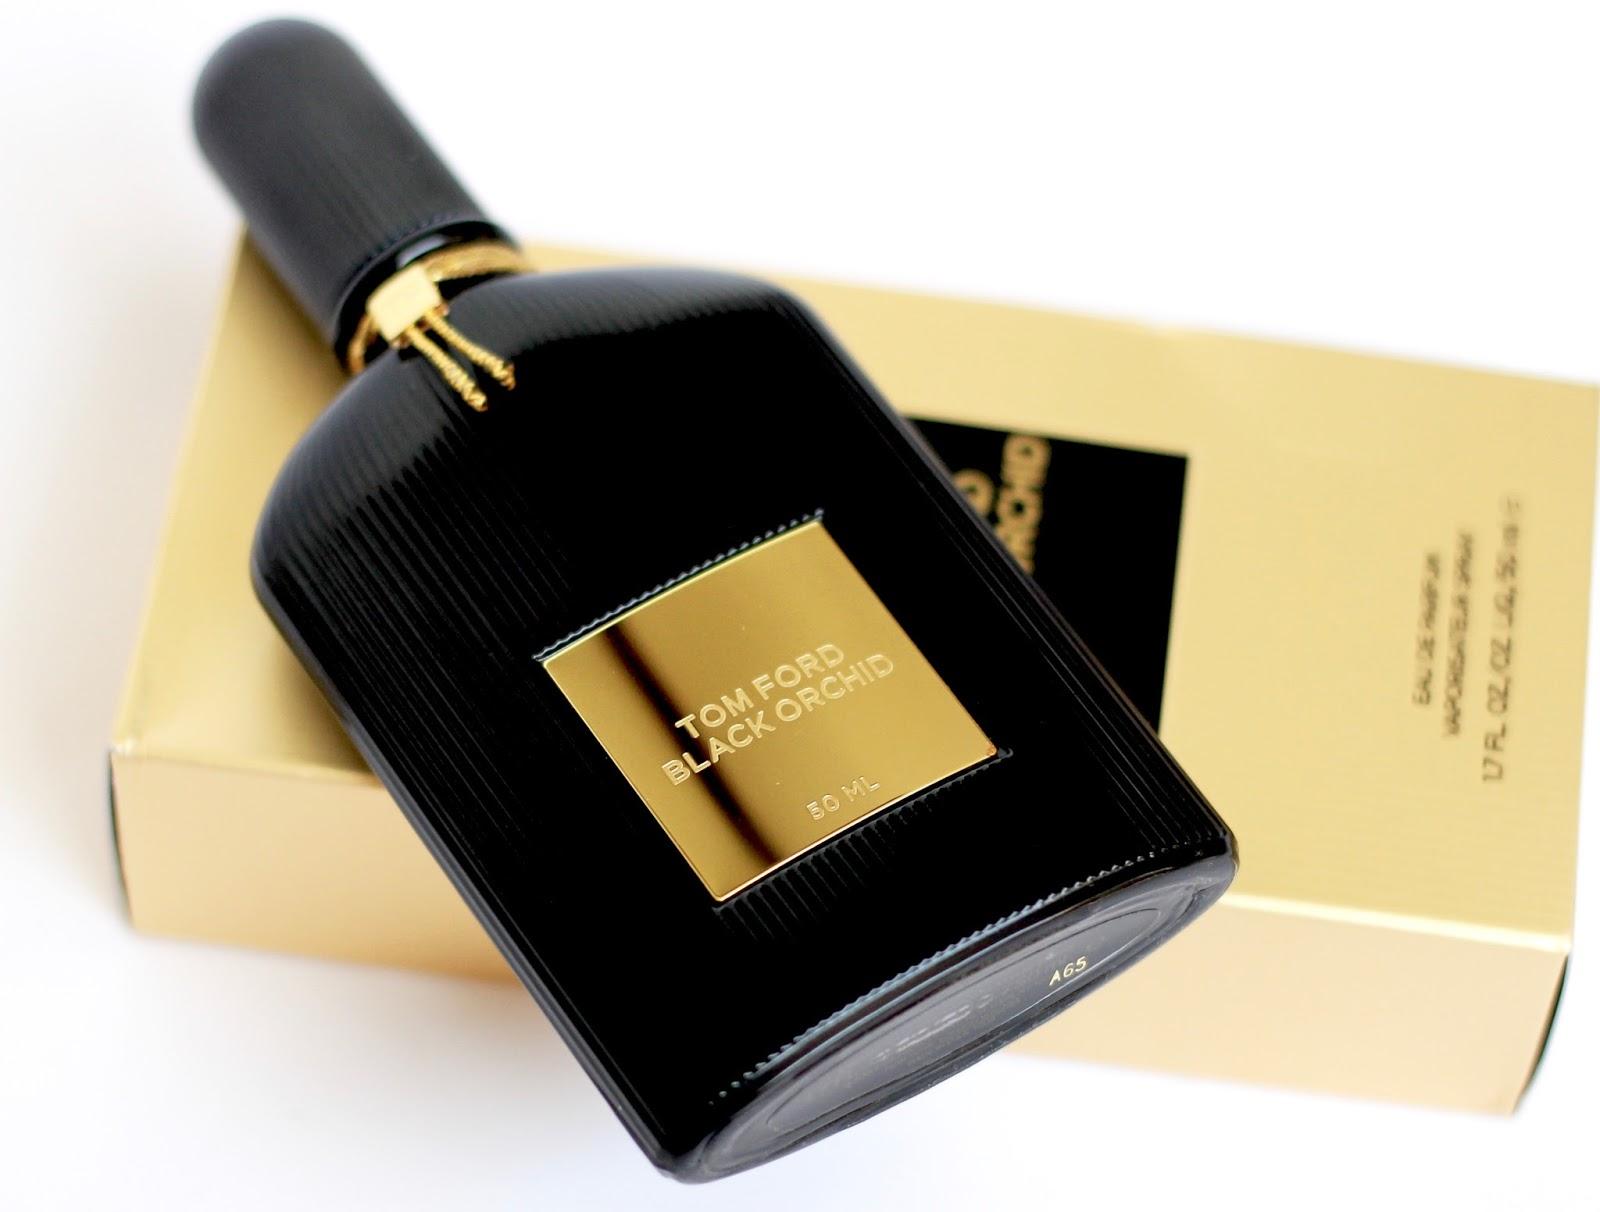 Tom Ford Black Orchid Eau De Parfum*